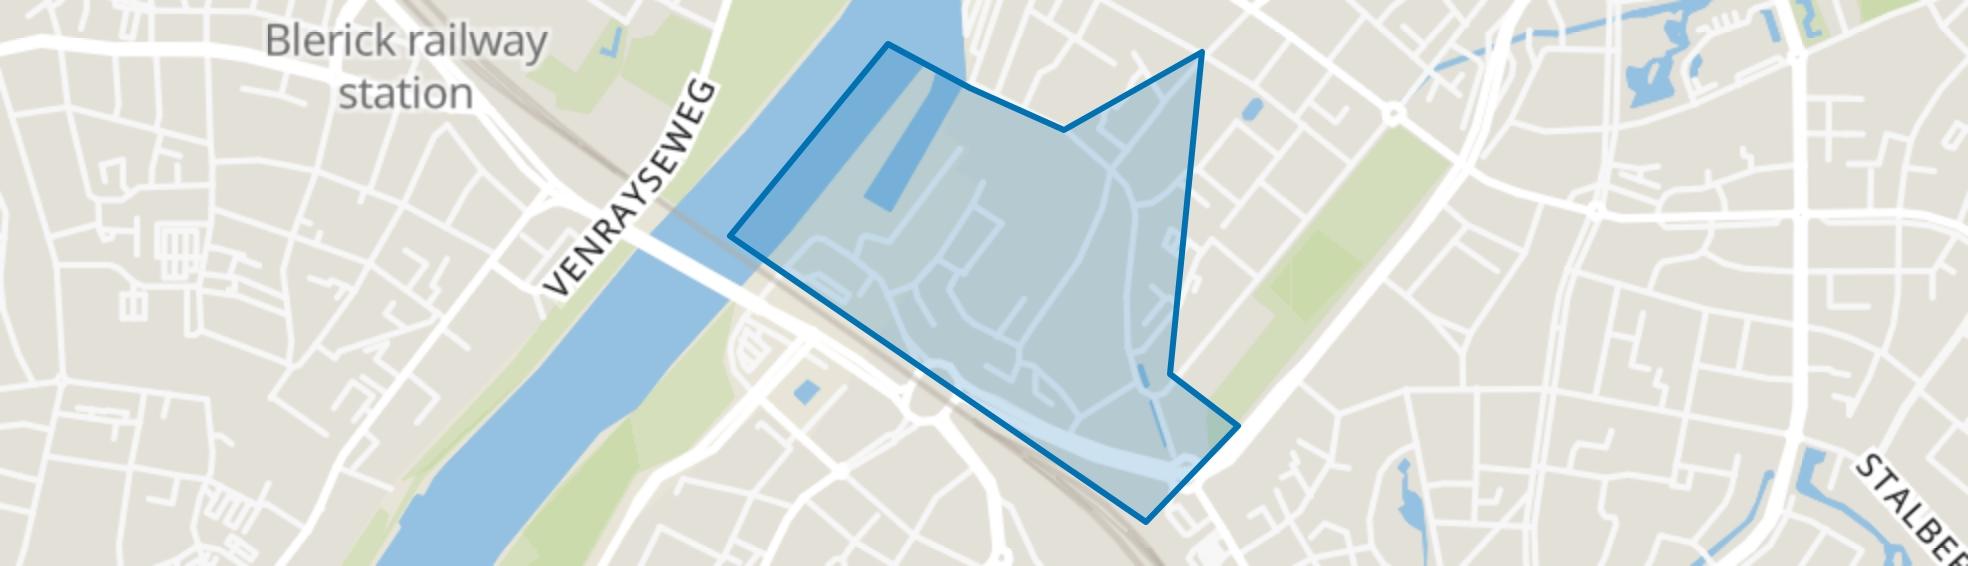 Winkelcentrum, Venlo map